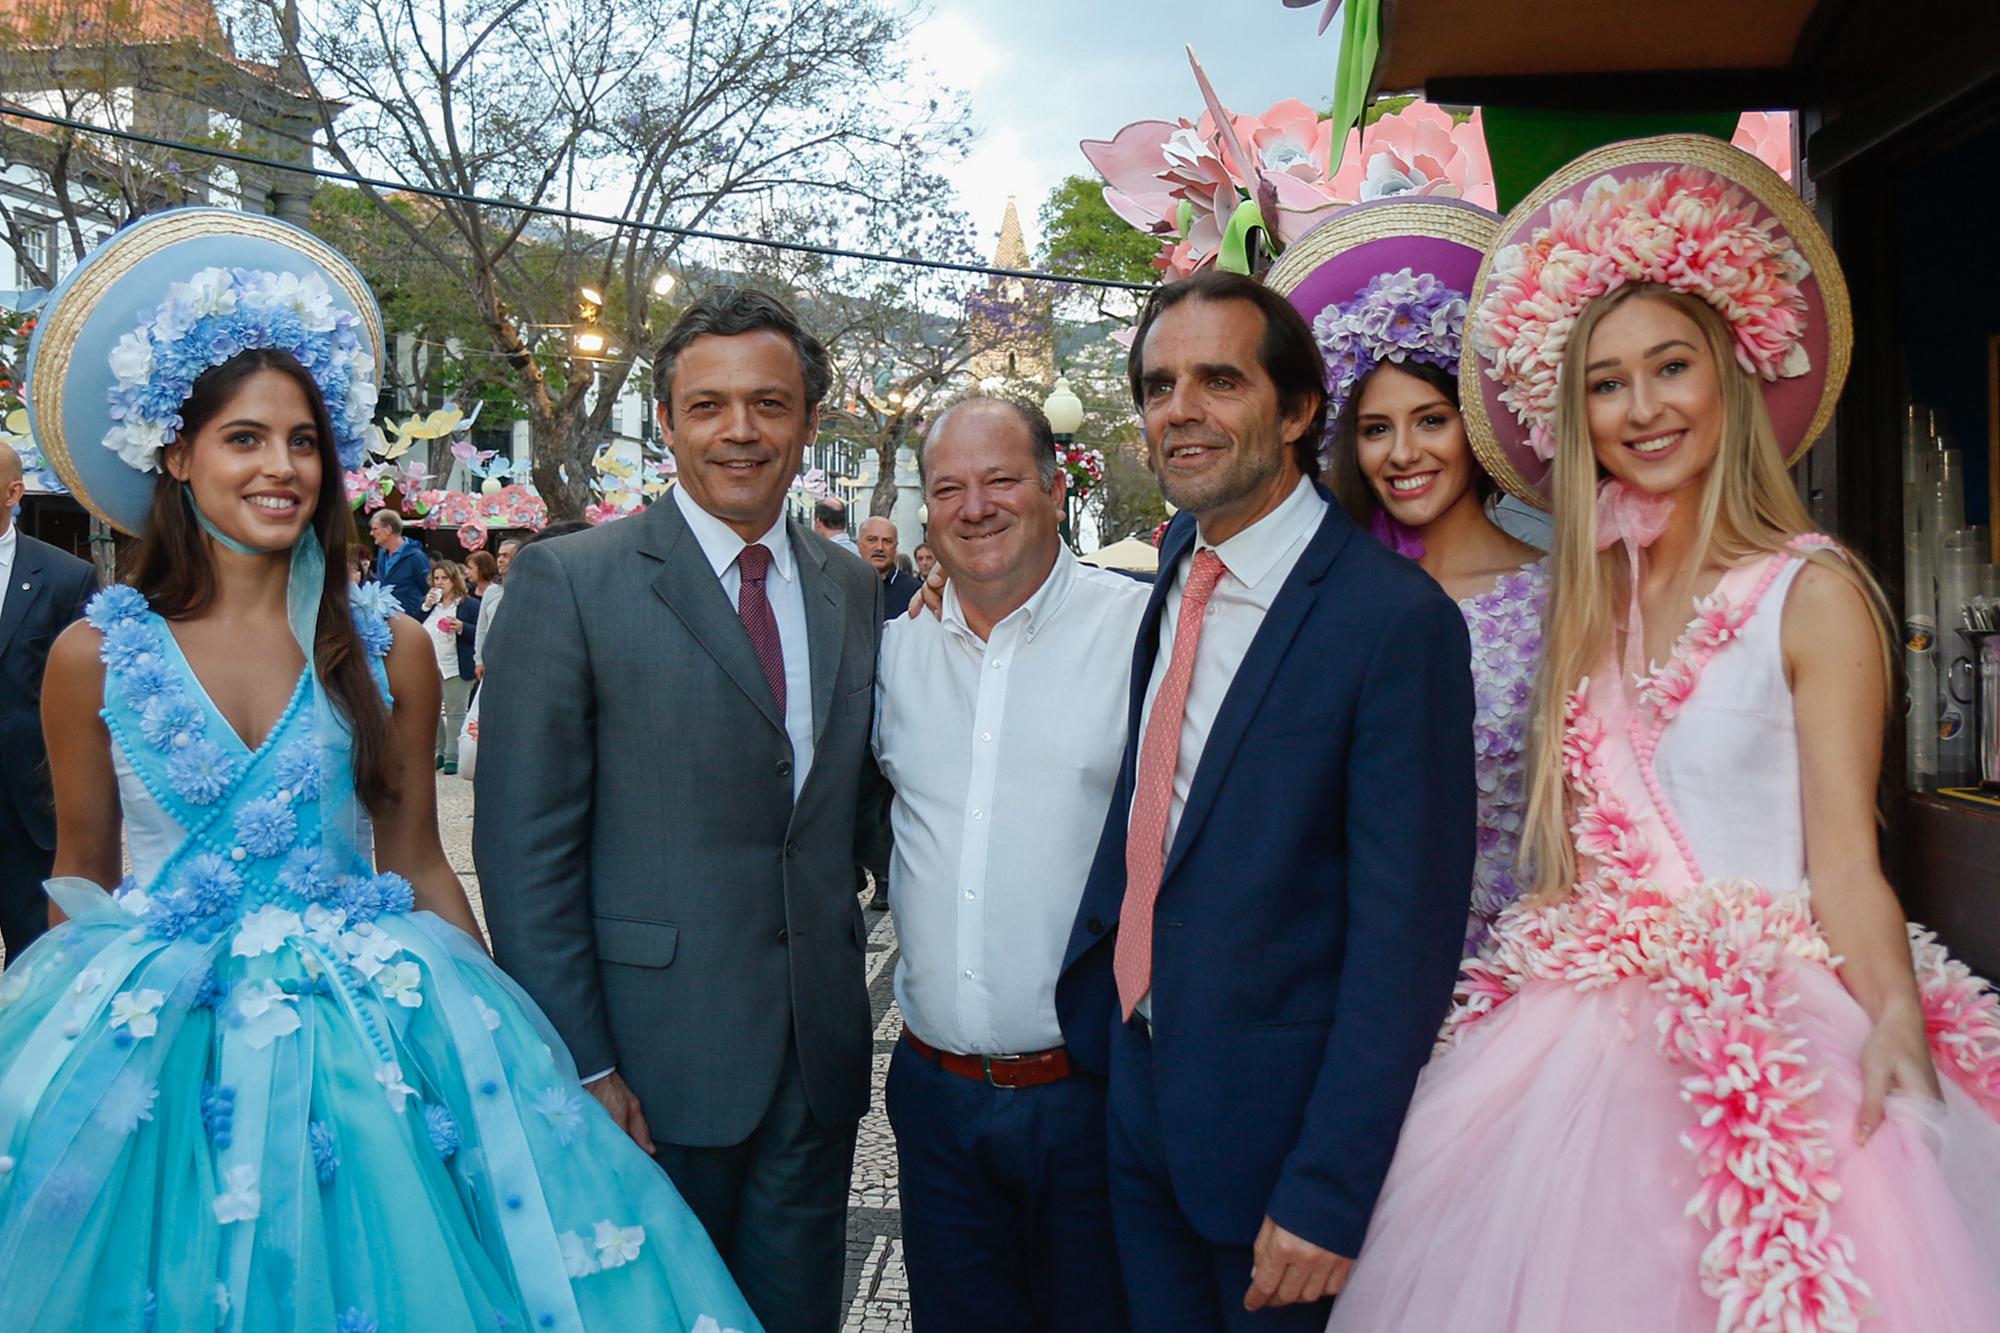 Festa da Flor tem todas as condições para ser o principal cartaz turístico da Região